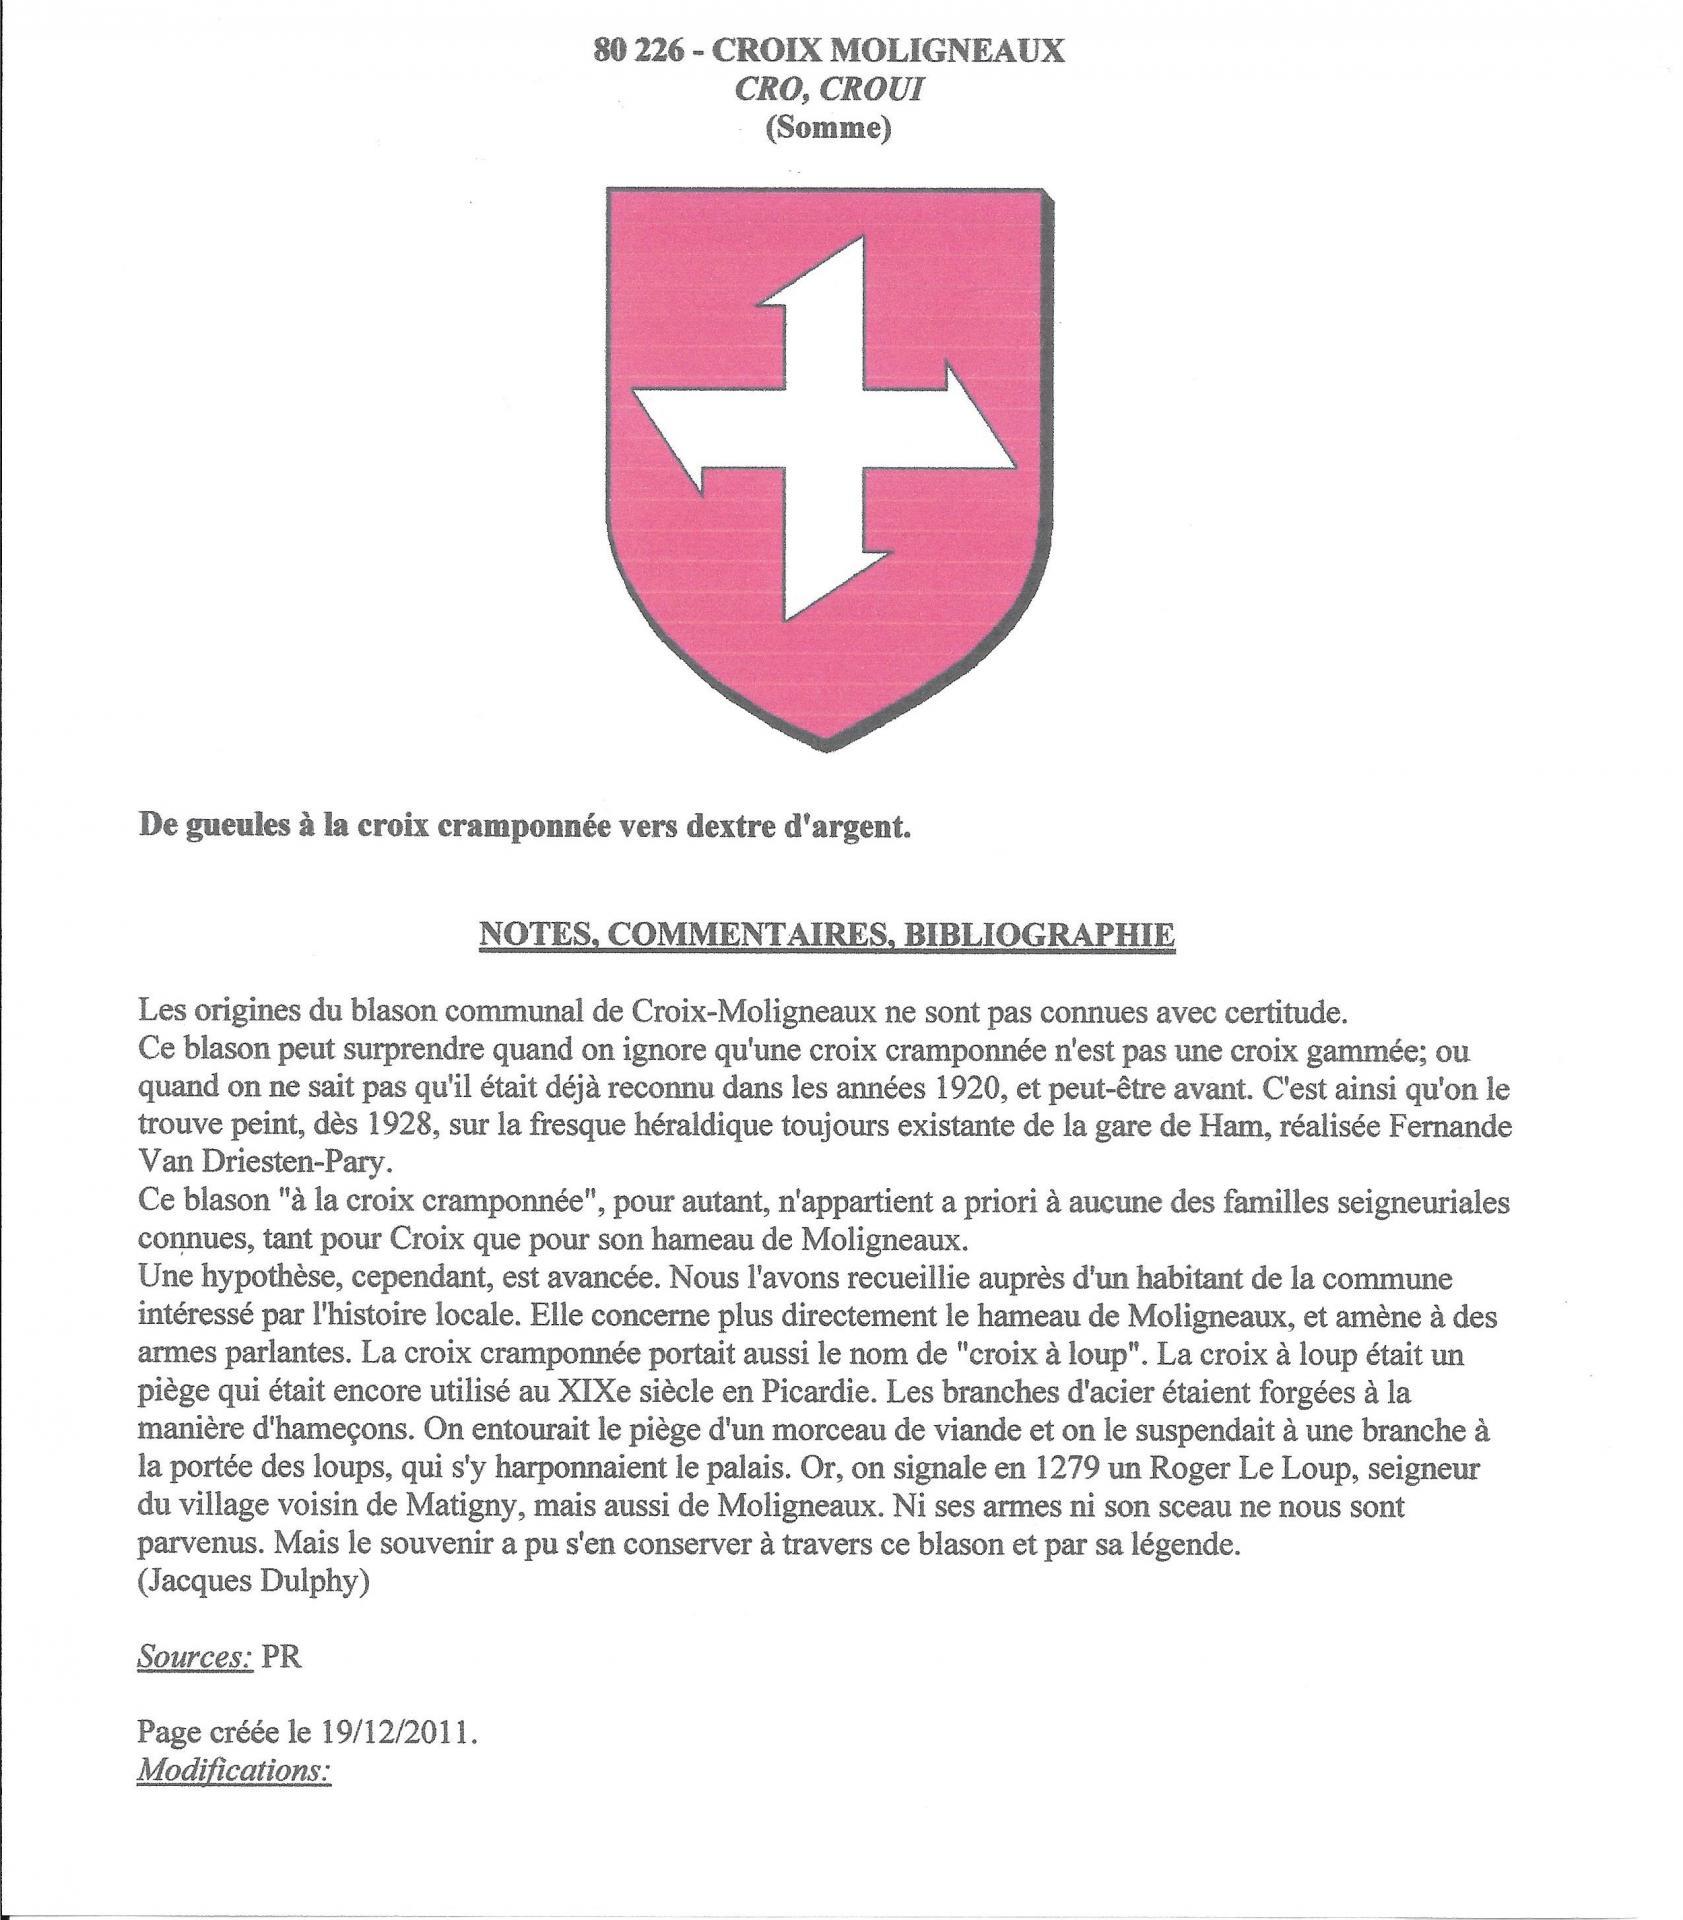 Croix moligneaux historique embleme